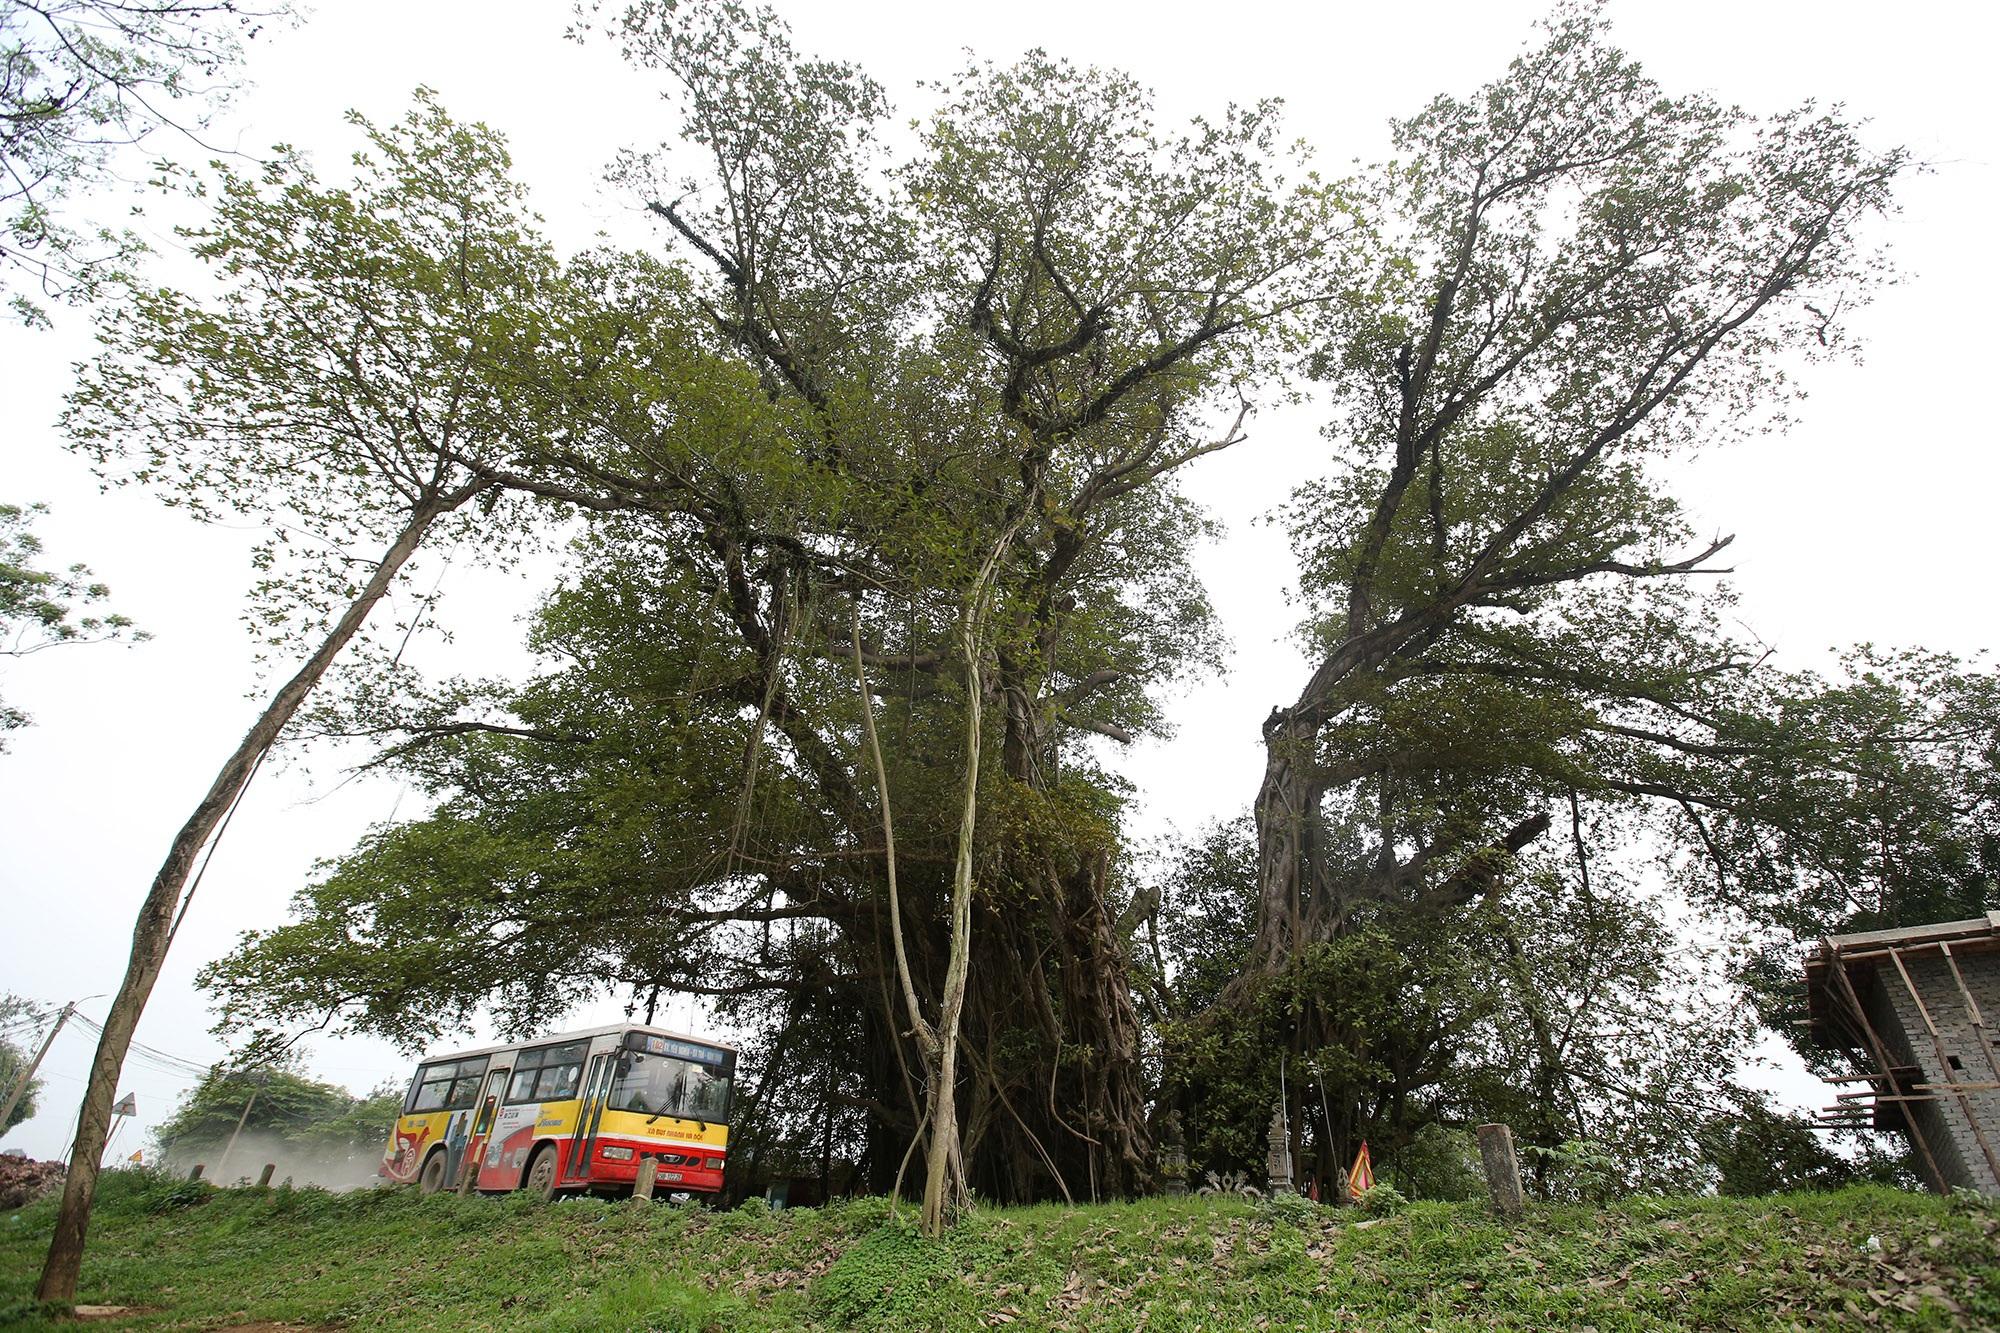 Chuyện ít người biết về cây đa khổng lồ ở xã Viên Nội - 4